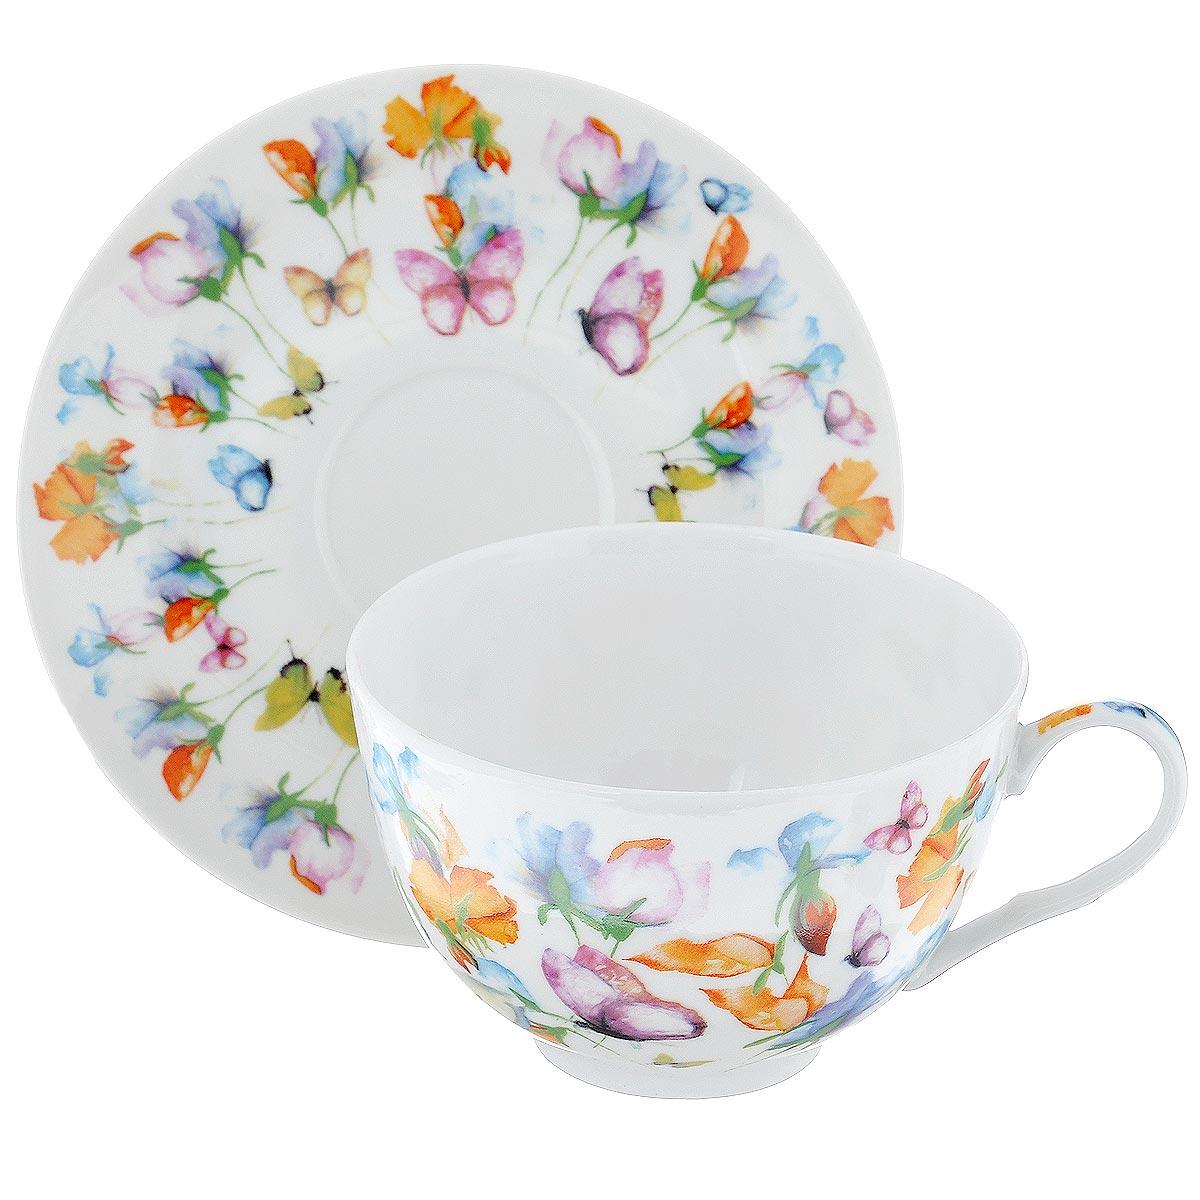 Набор подарочный чайный GiftnHome Цветы, 2 предмета115510Подарочный набор GiftnHome Цветы состоит из чашки и блюдца. Изделия выполнены из тонкого фарфора, оформленного красочным изображением цветов и бабочек. Такой набор станет изящным украшение стола к чаепитию. Прекрасный подарок к любому случаю. Набор упакован в подарочную коробку с крышкой, декорированной сиреневой атласной лентой. Можно использовать в посудомоечной машине и СВЧ. Объем чашки: 280 мл. Диаметр чашки (по верхнему краю): 10,5 см. Высота чашки: 6 см. Диаметр блюдца: 14,5 см.